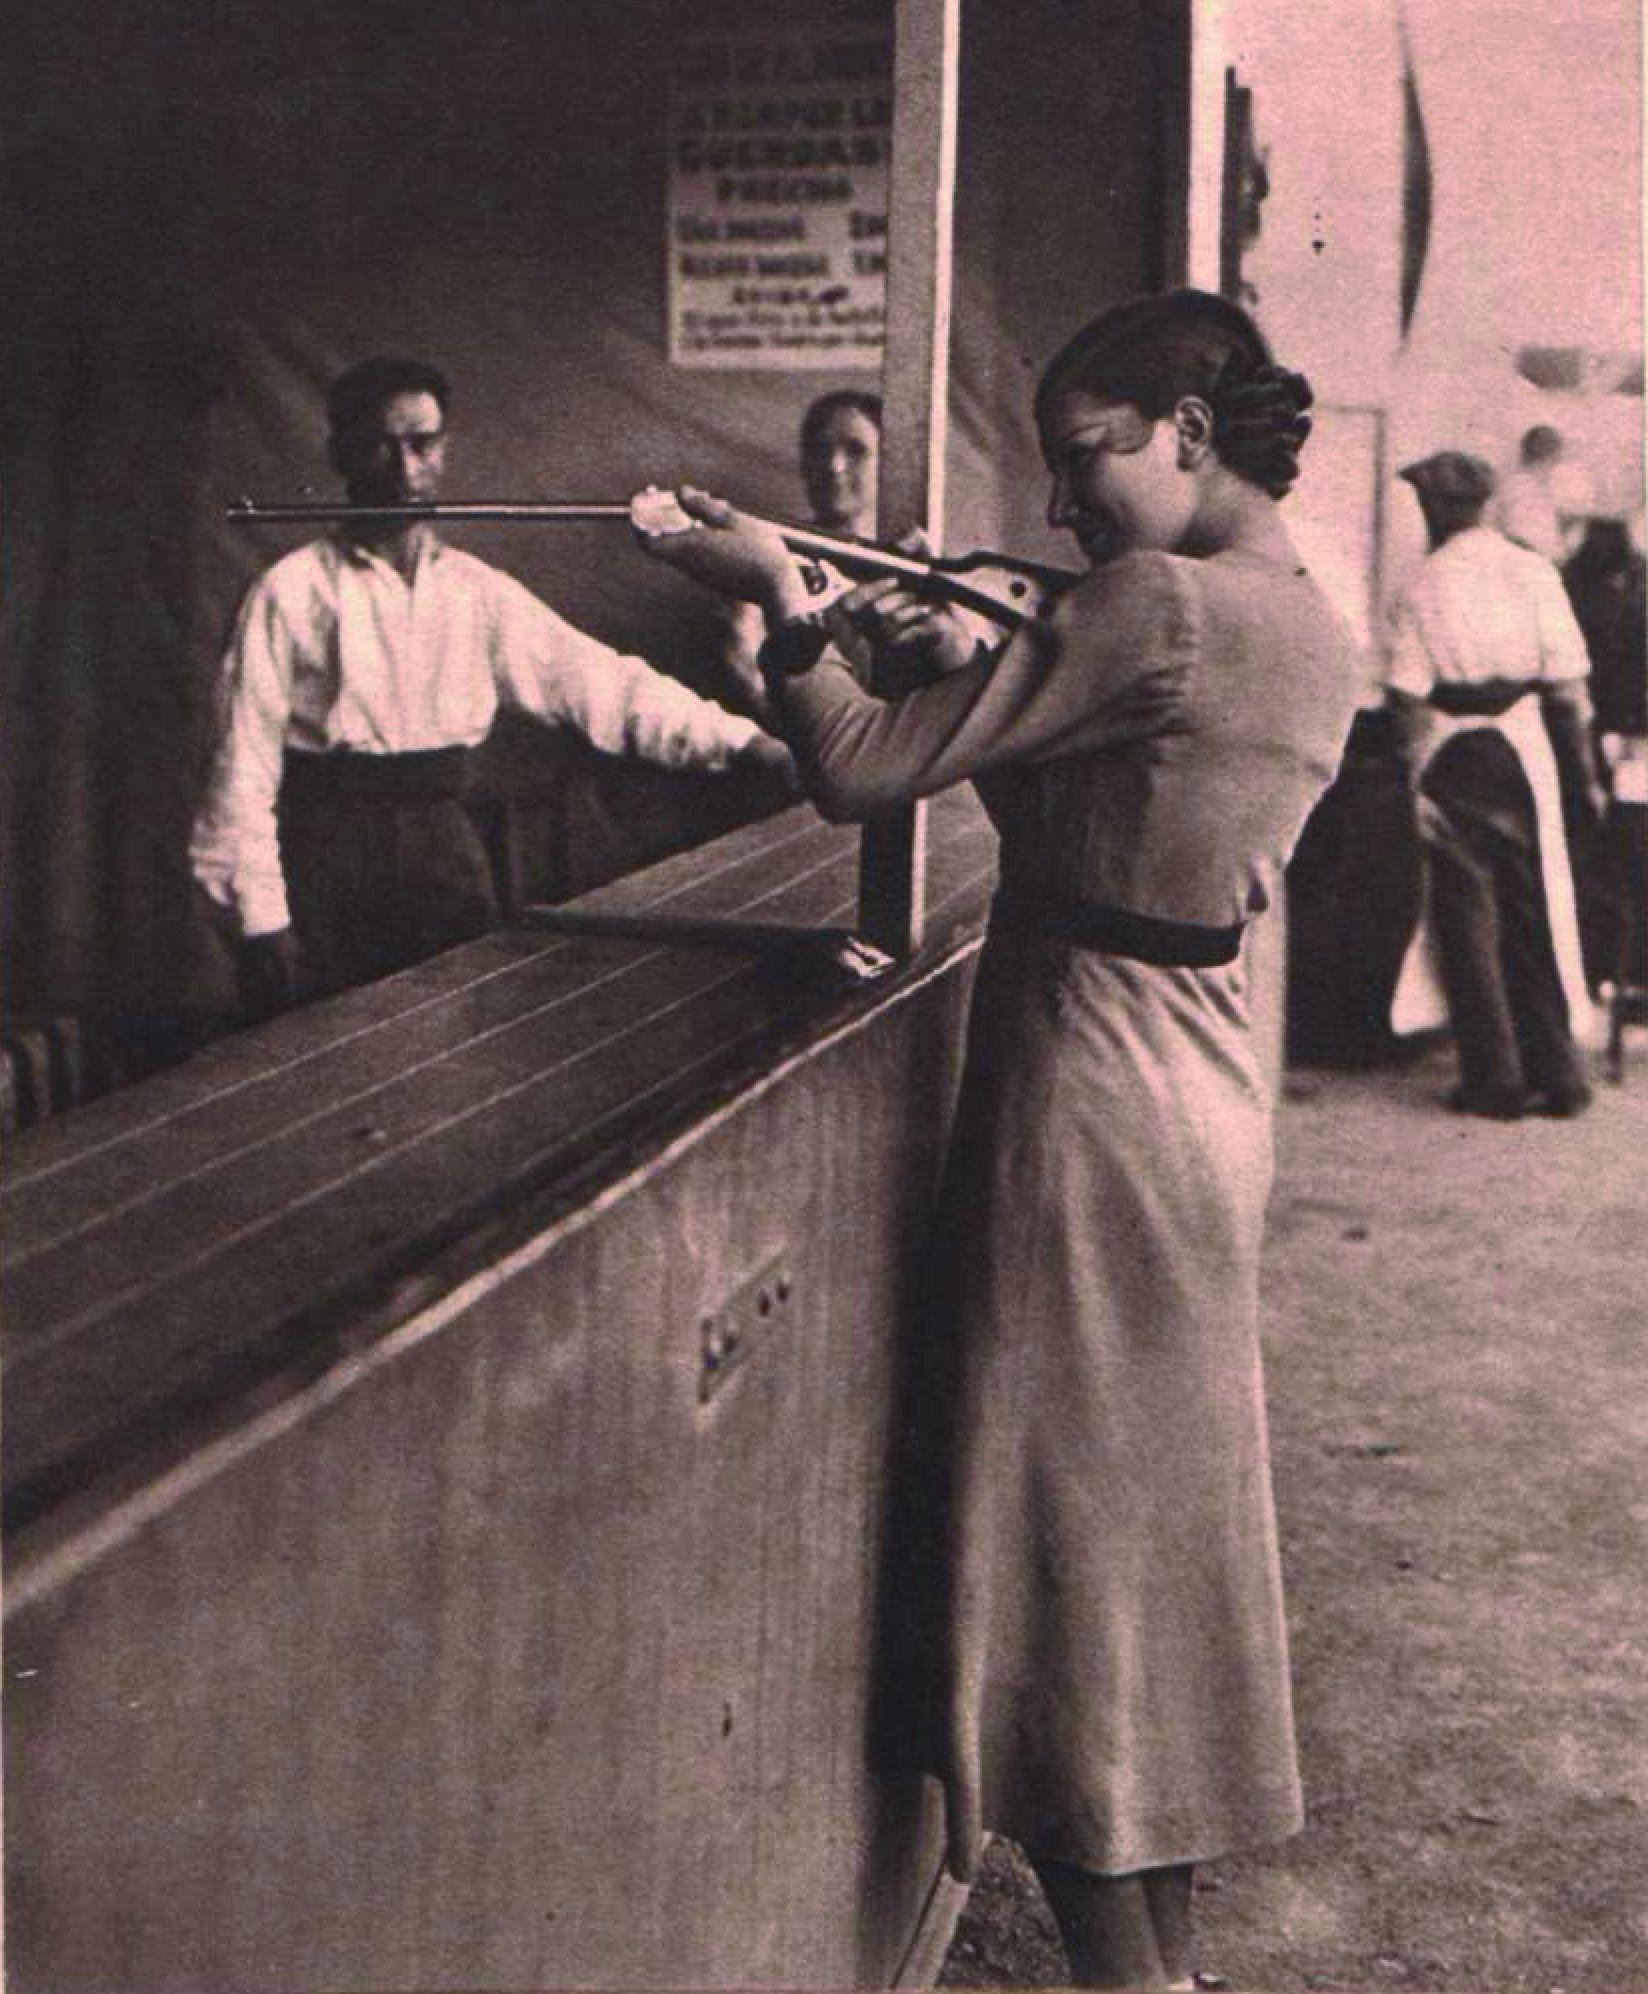 Chica con escopeta de feria en la verbena de San Antonio de la Florida (17 de junio de 1934). Fotógrafo desconocido.